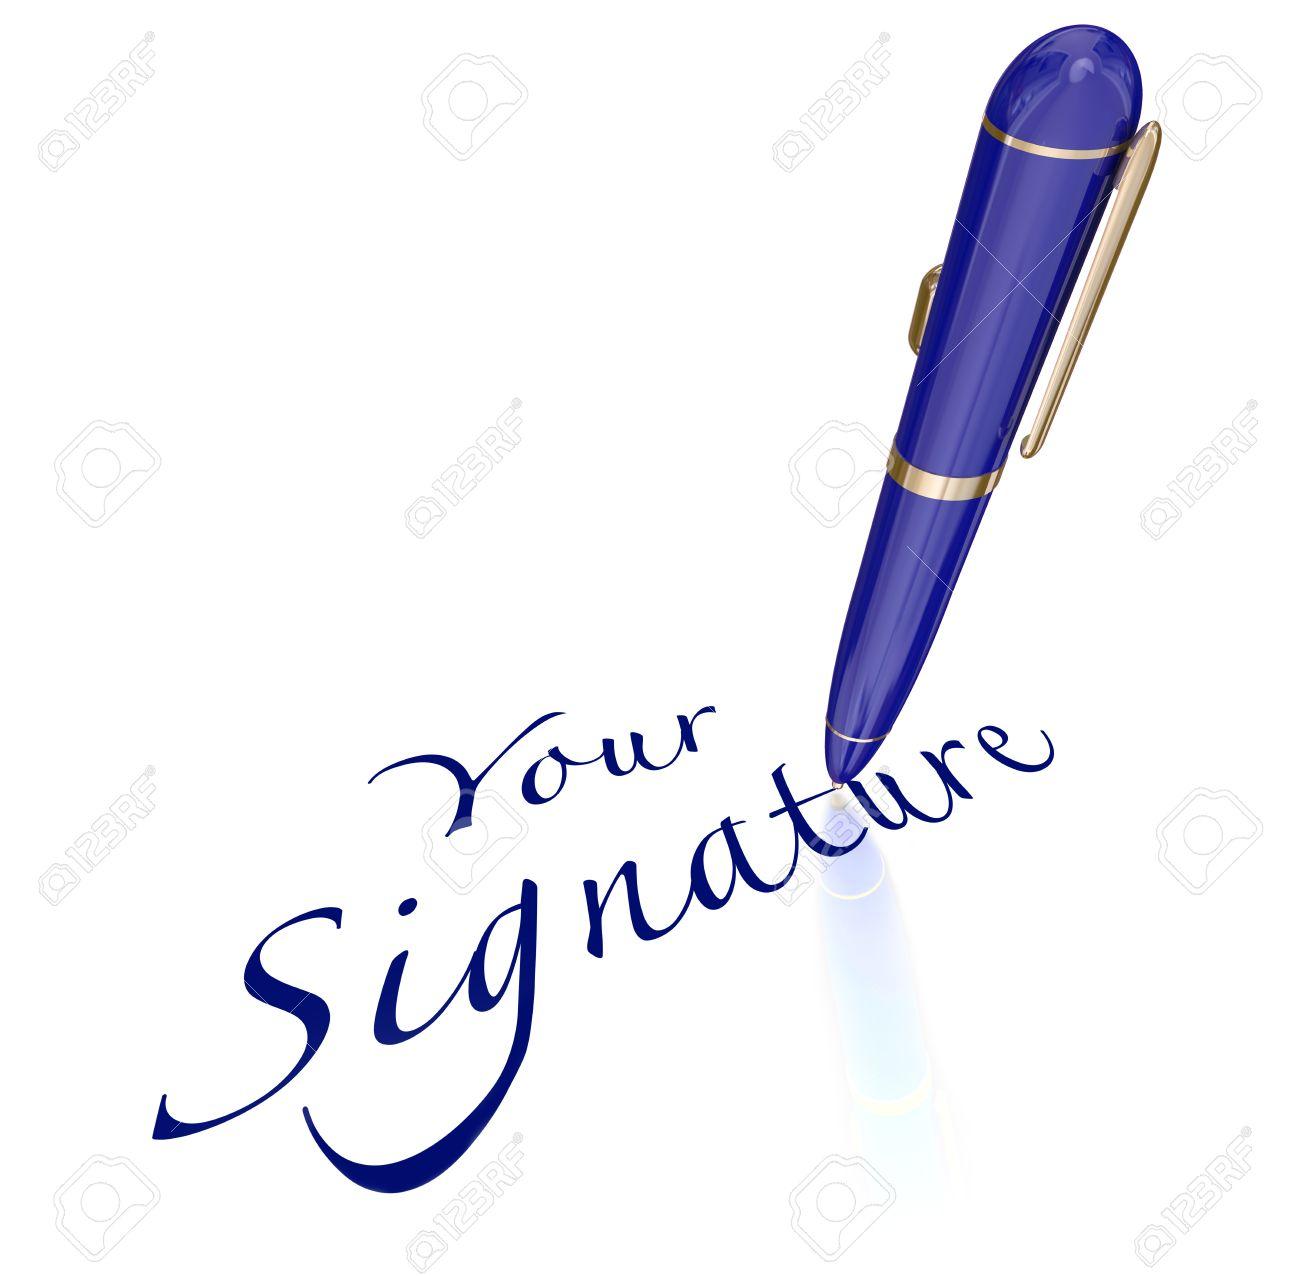 Ihre Unterschrift Wörter Und Stift Unterzeichnung Namen Oder